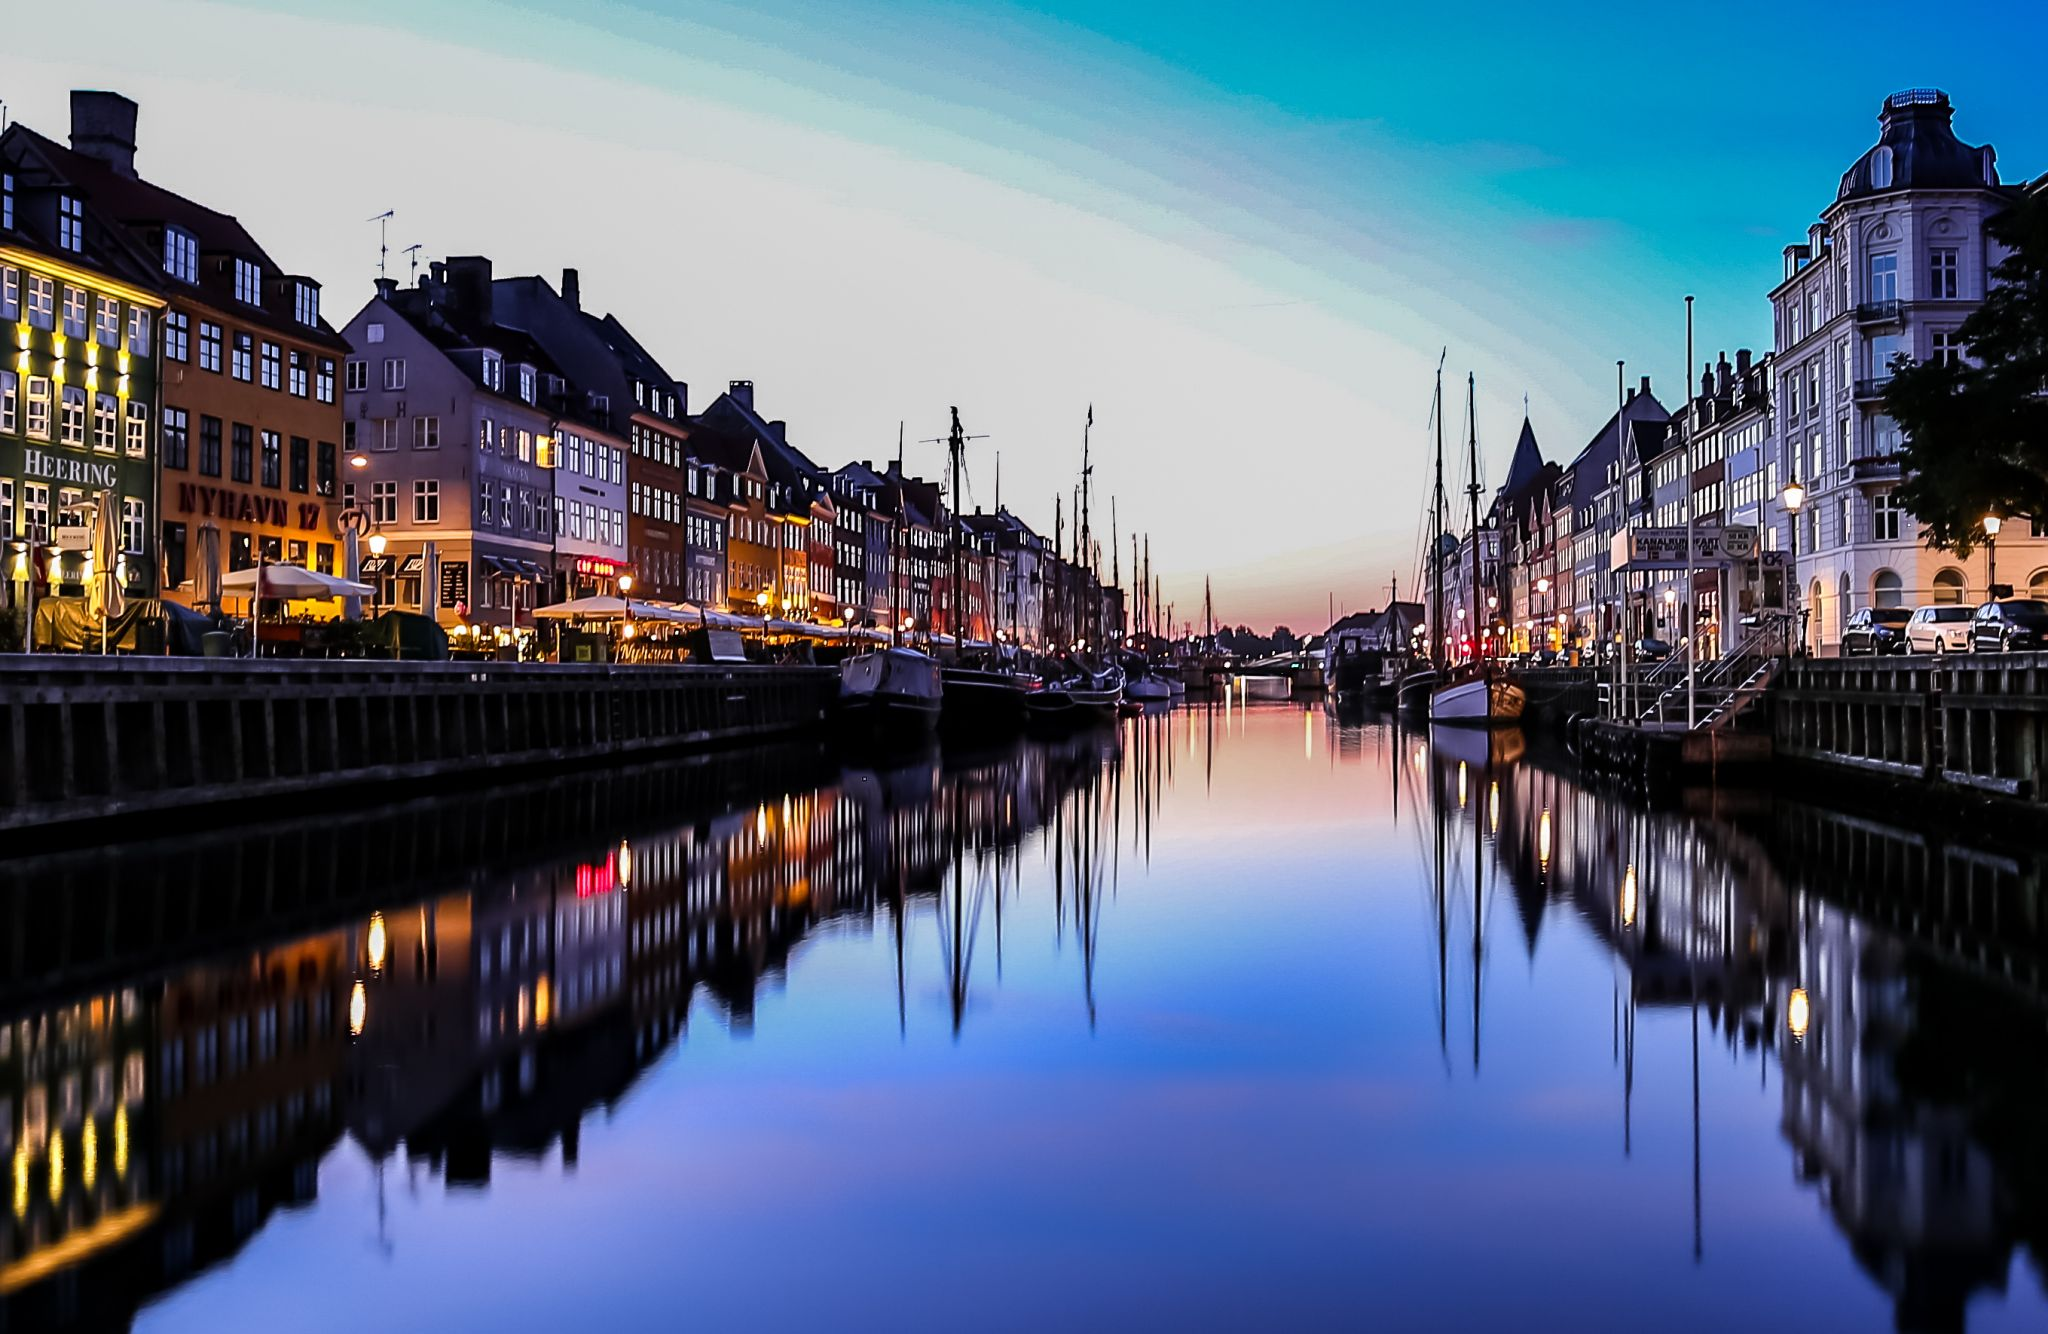 Nyhavn, Sunrise, Denmark